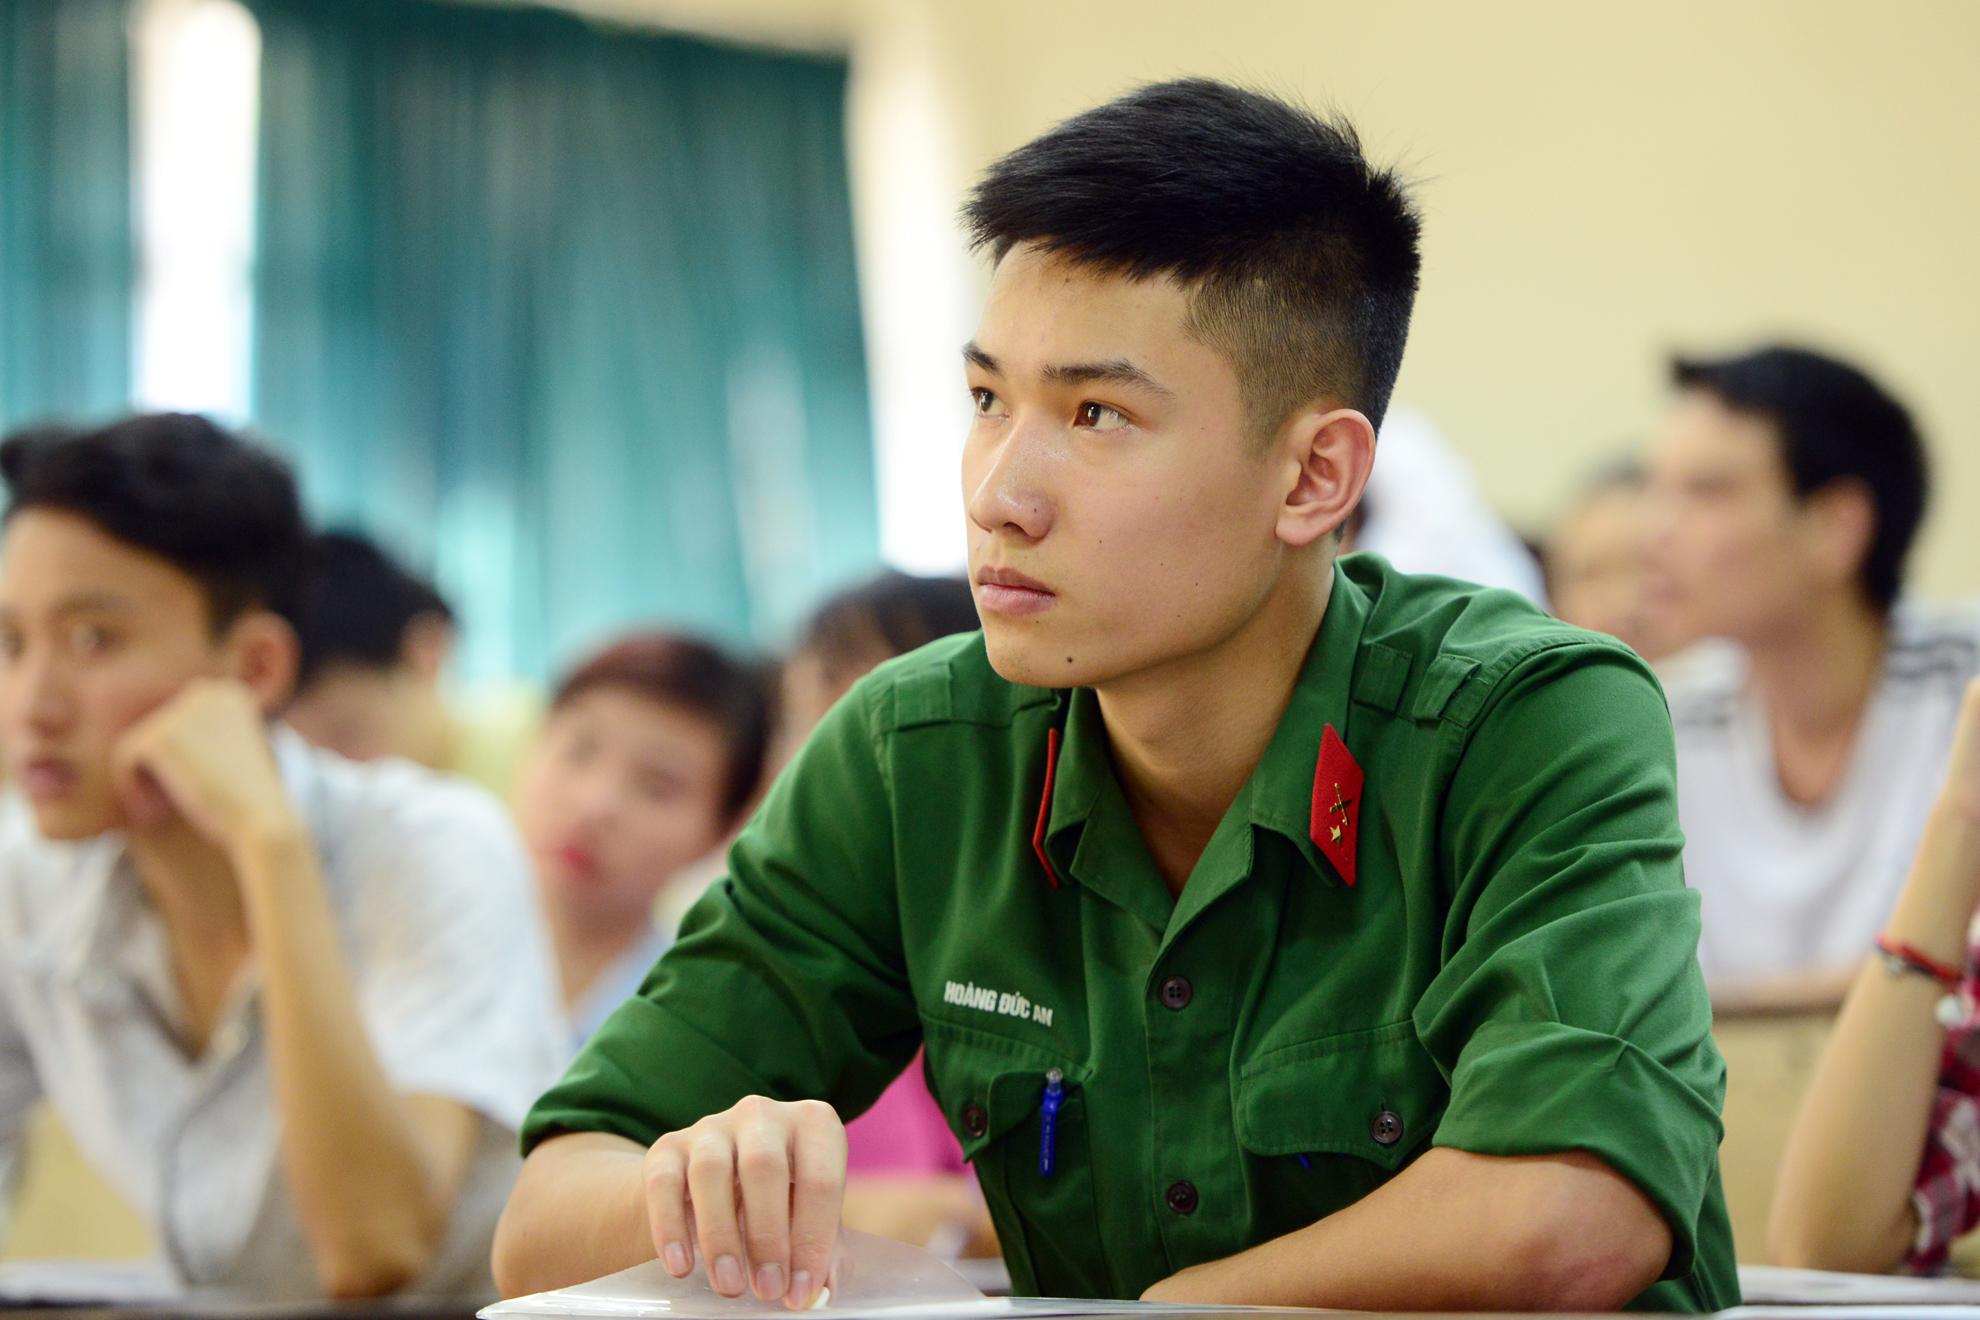 Trường quân đội đề nghị hơn 1.800 thí sinh đã qua sơ tuyển kiểm tra lại nguyện vọng xét tuyển